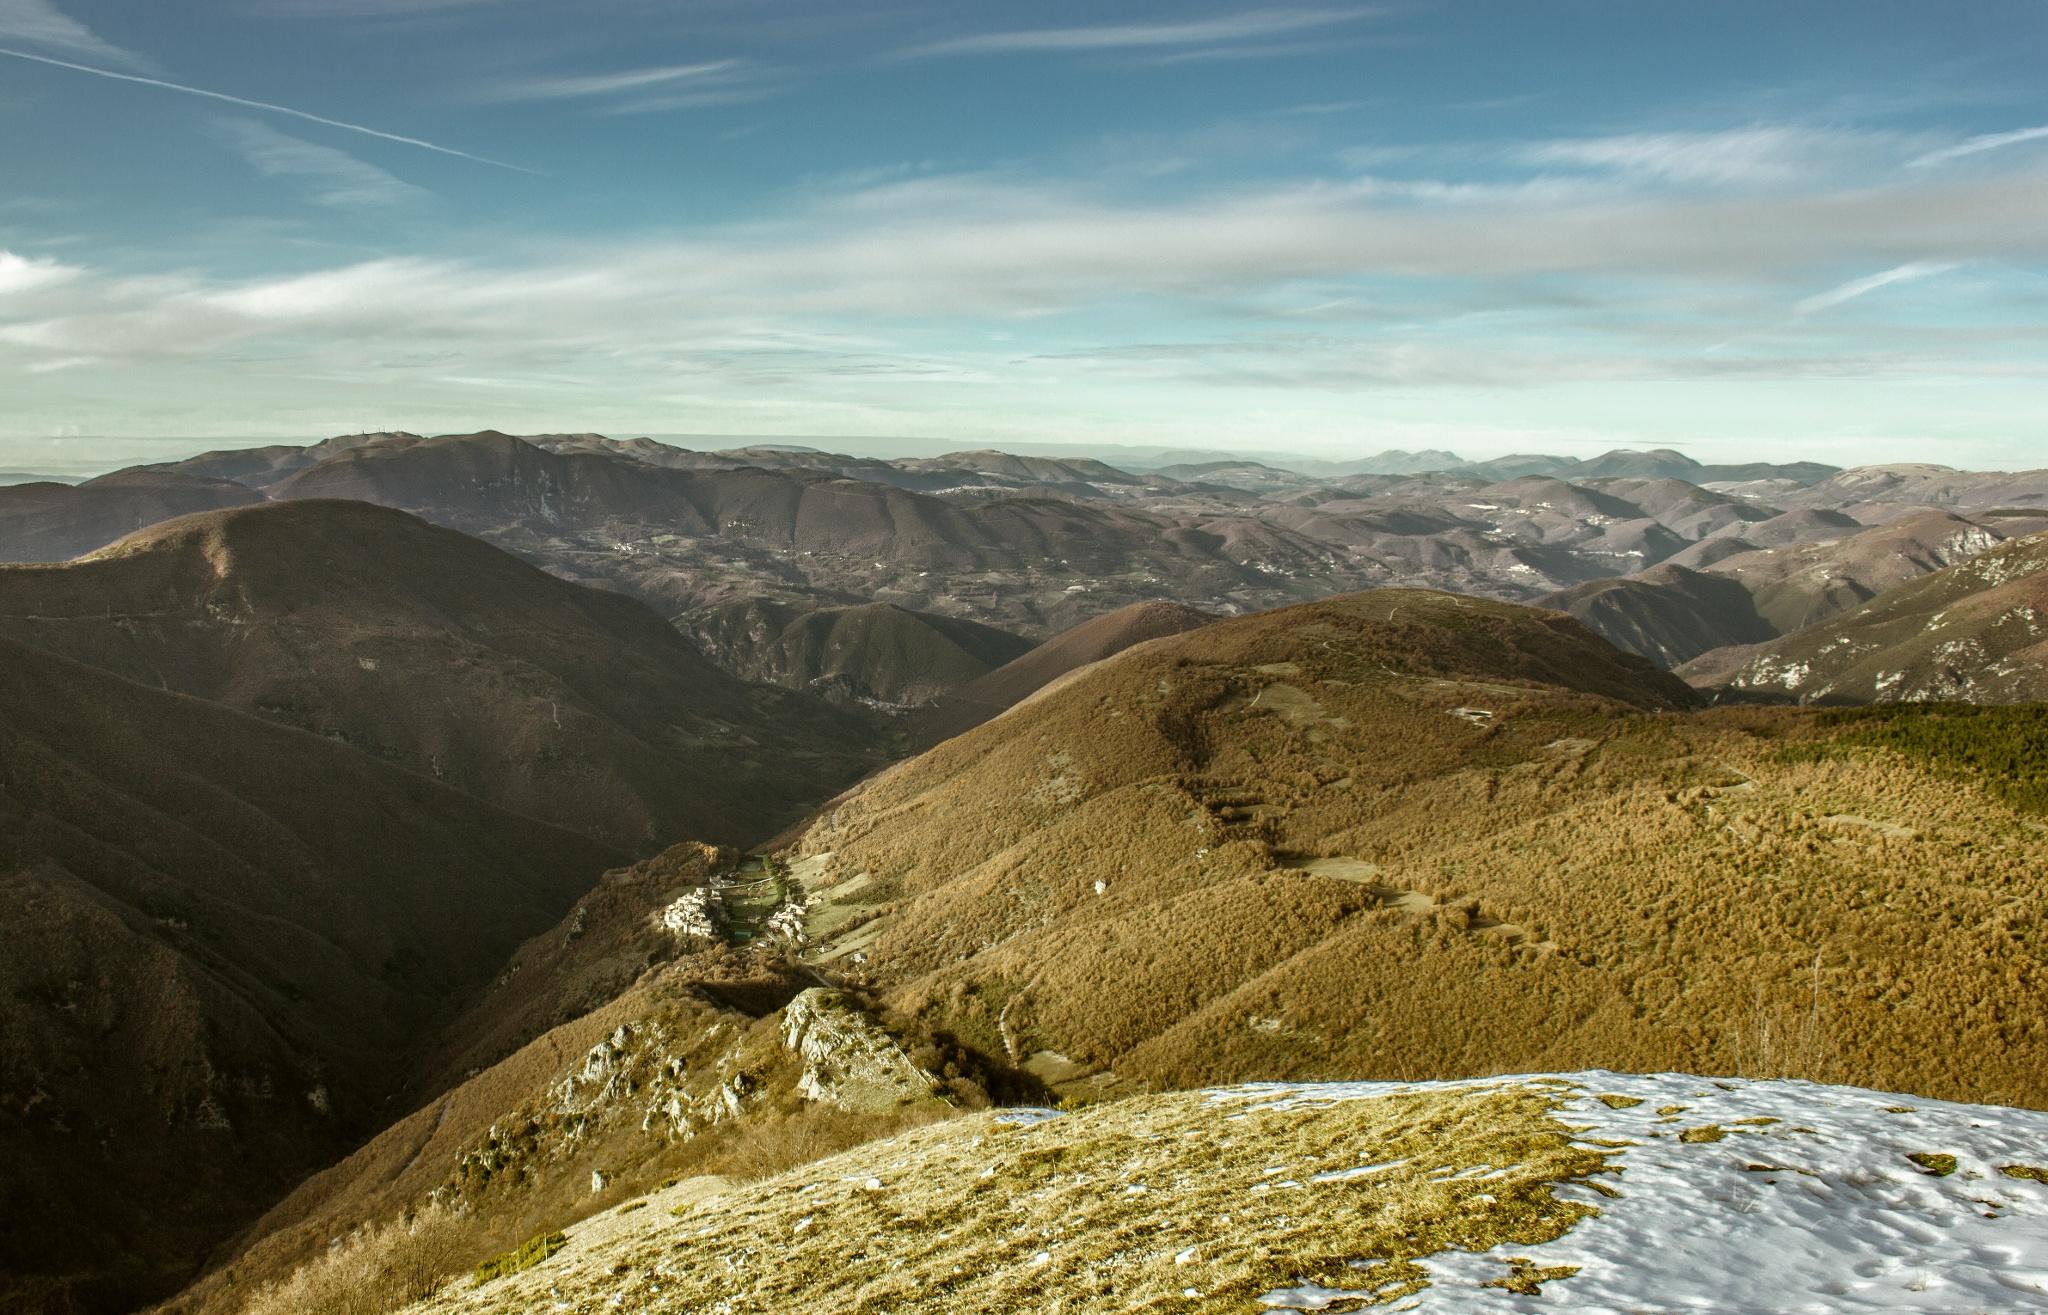 Ascesa a Monte Maggio e Monte Porretta in Mountain bike